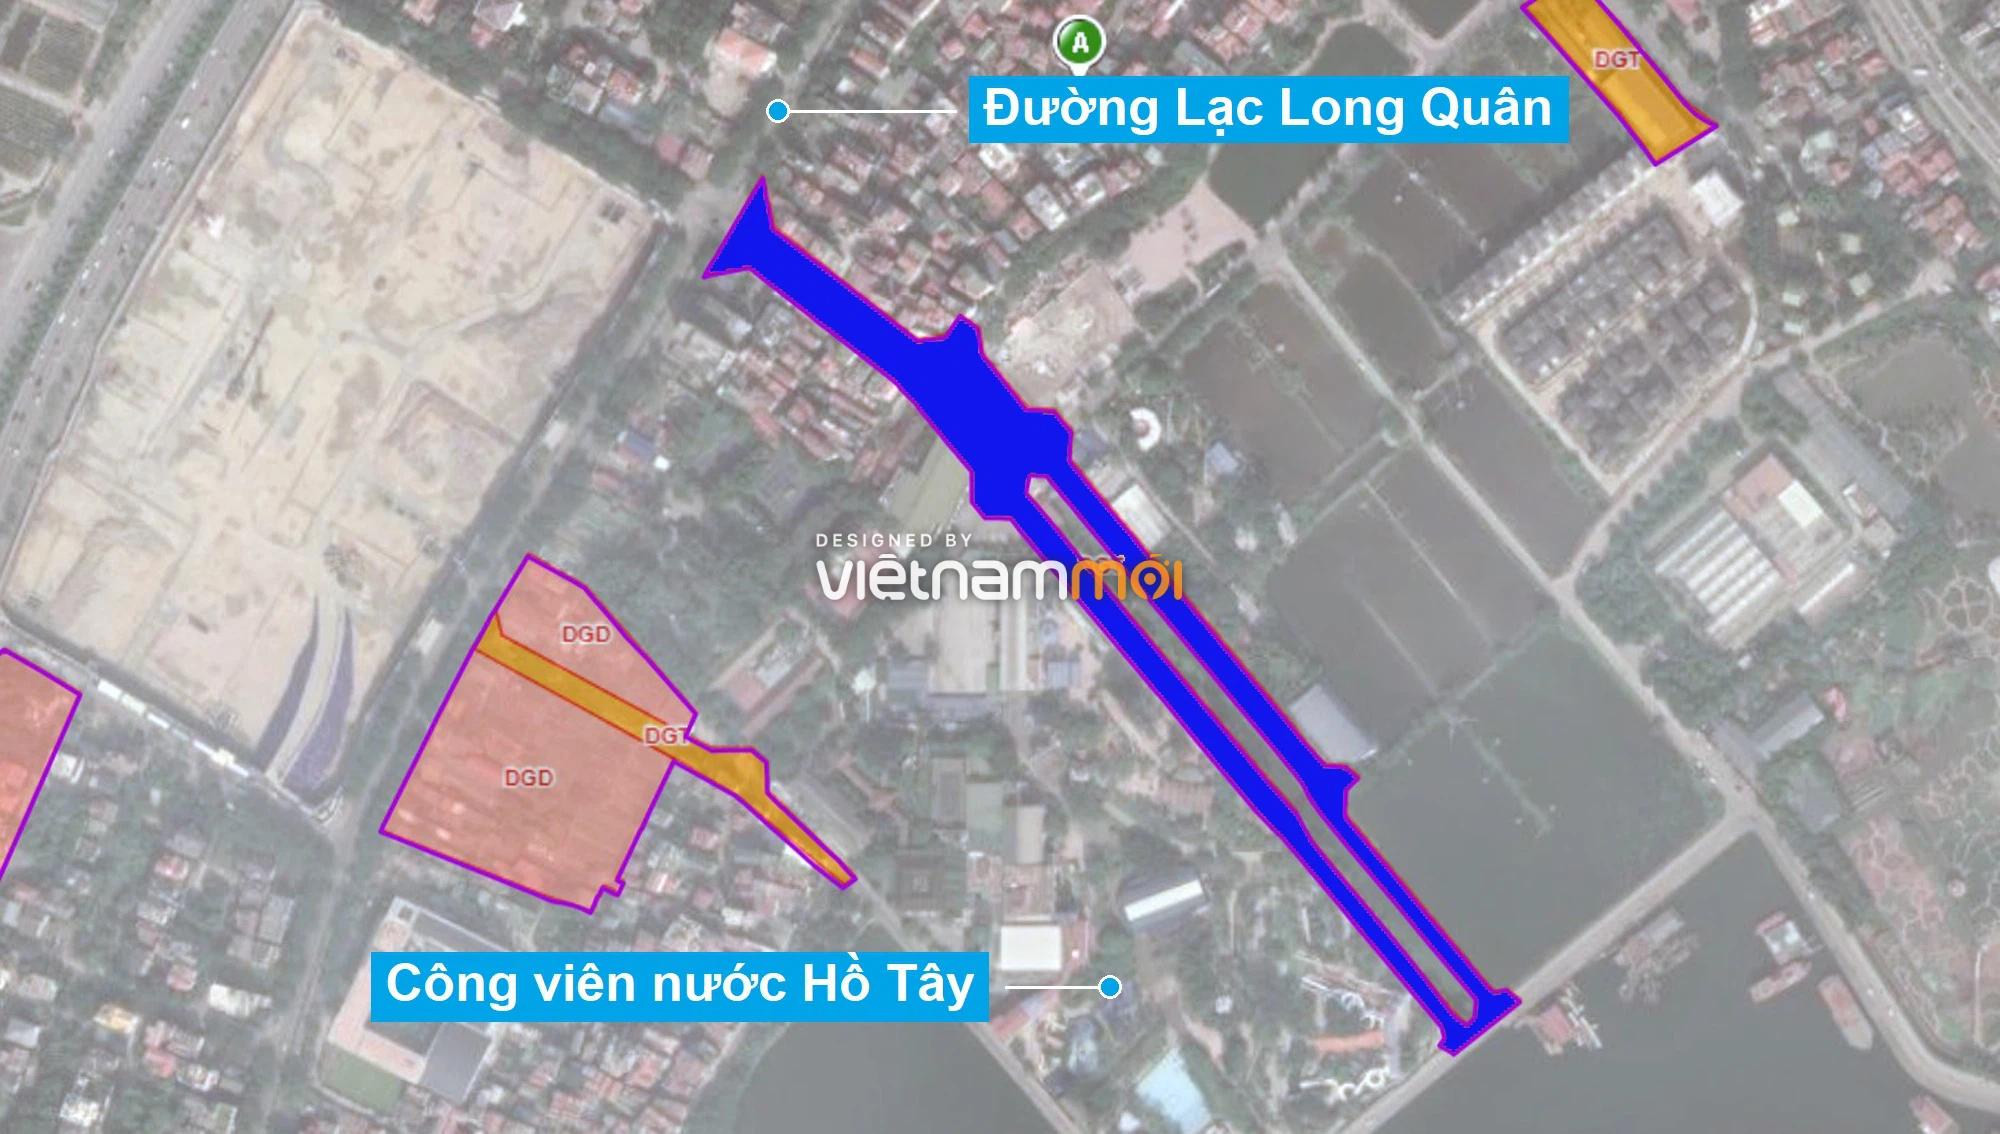 Những khu đất sắp thu hồi để mở đường ở quận Tây Hồ, Hà Nội (phần 2) - Ảnh 8.